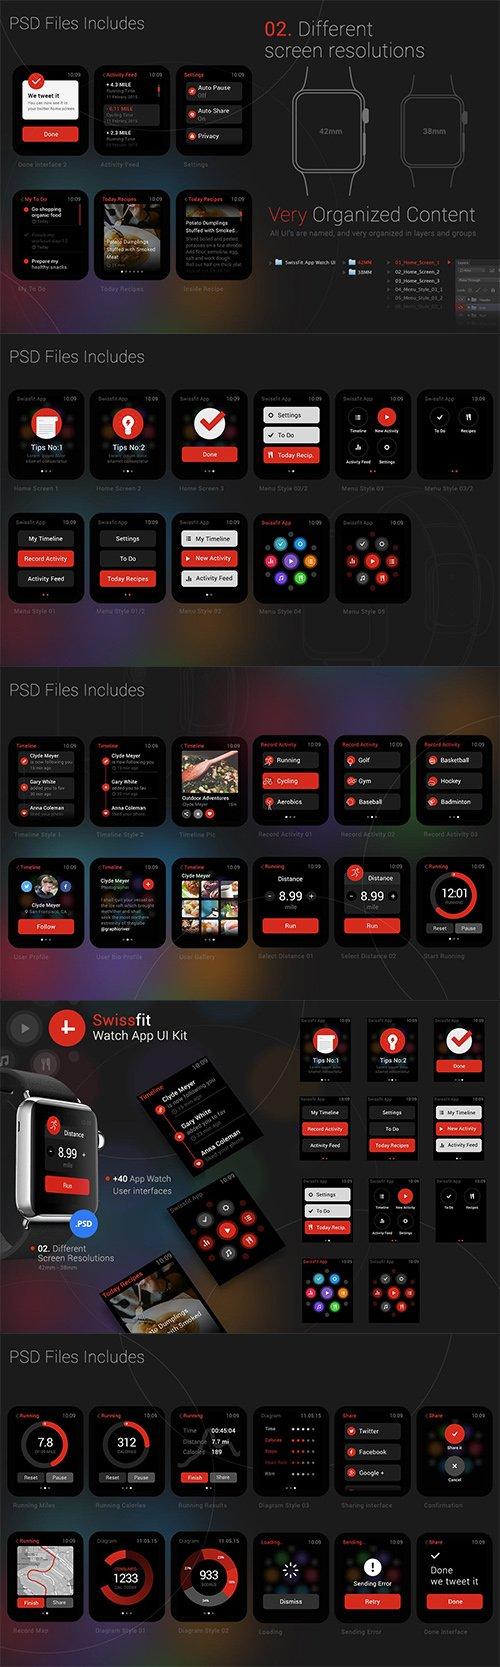 Swissfit Watch App UI Kit